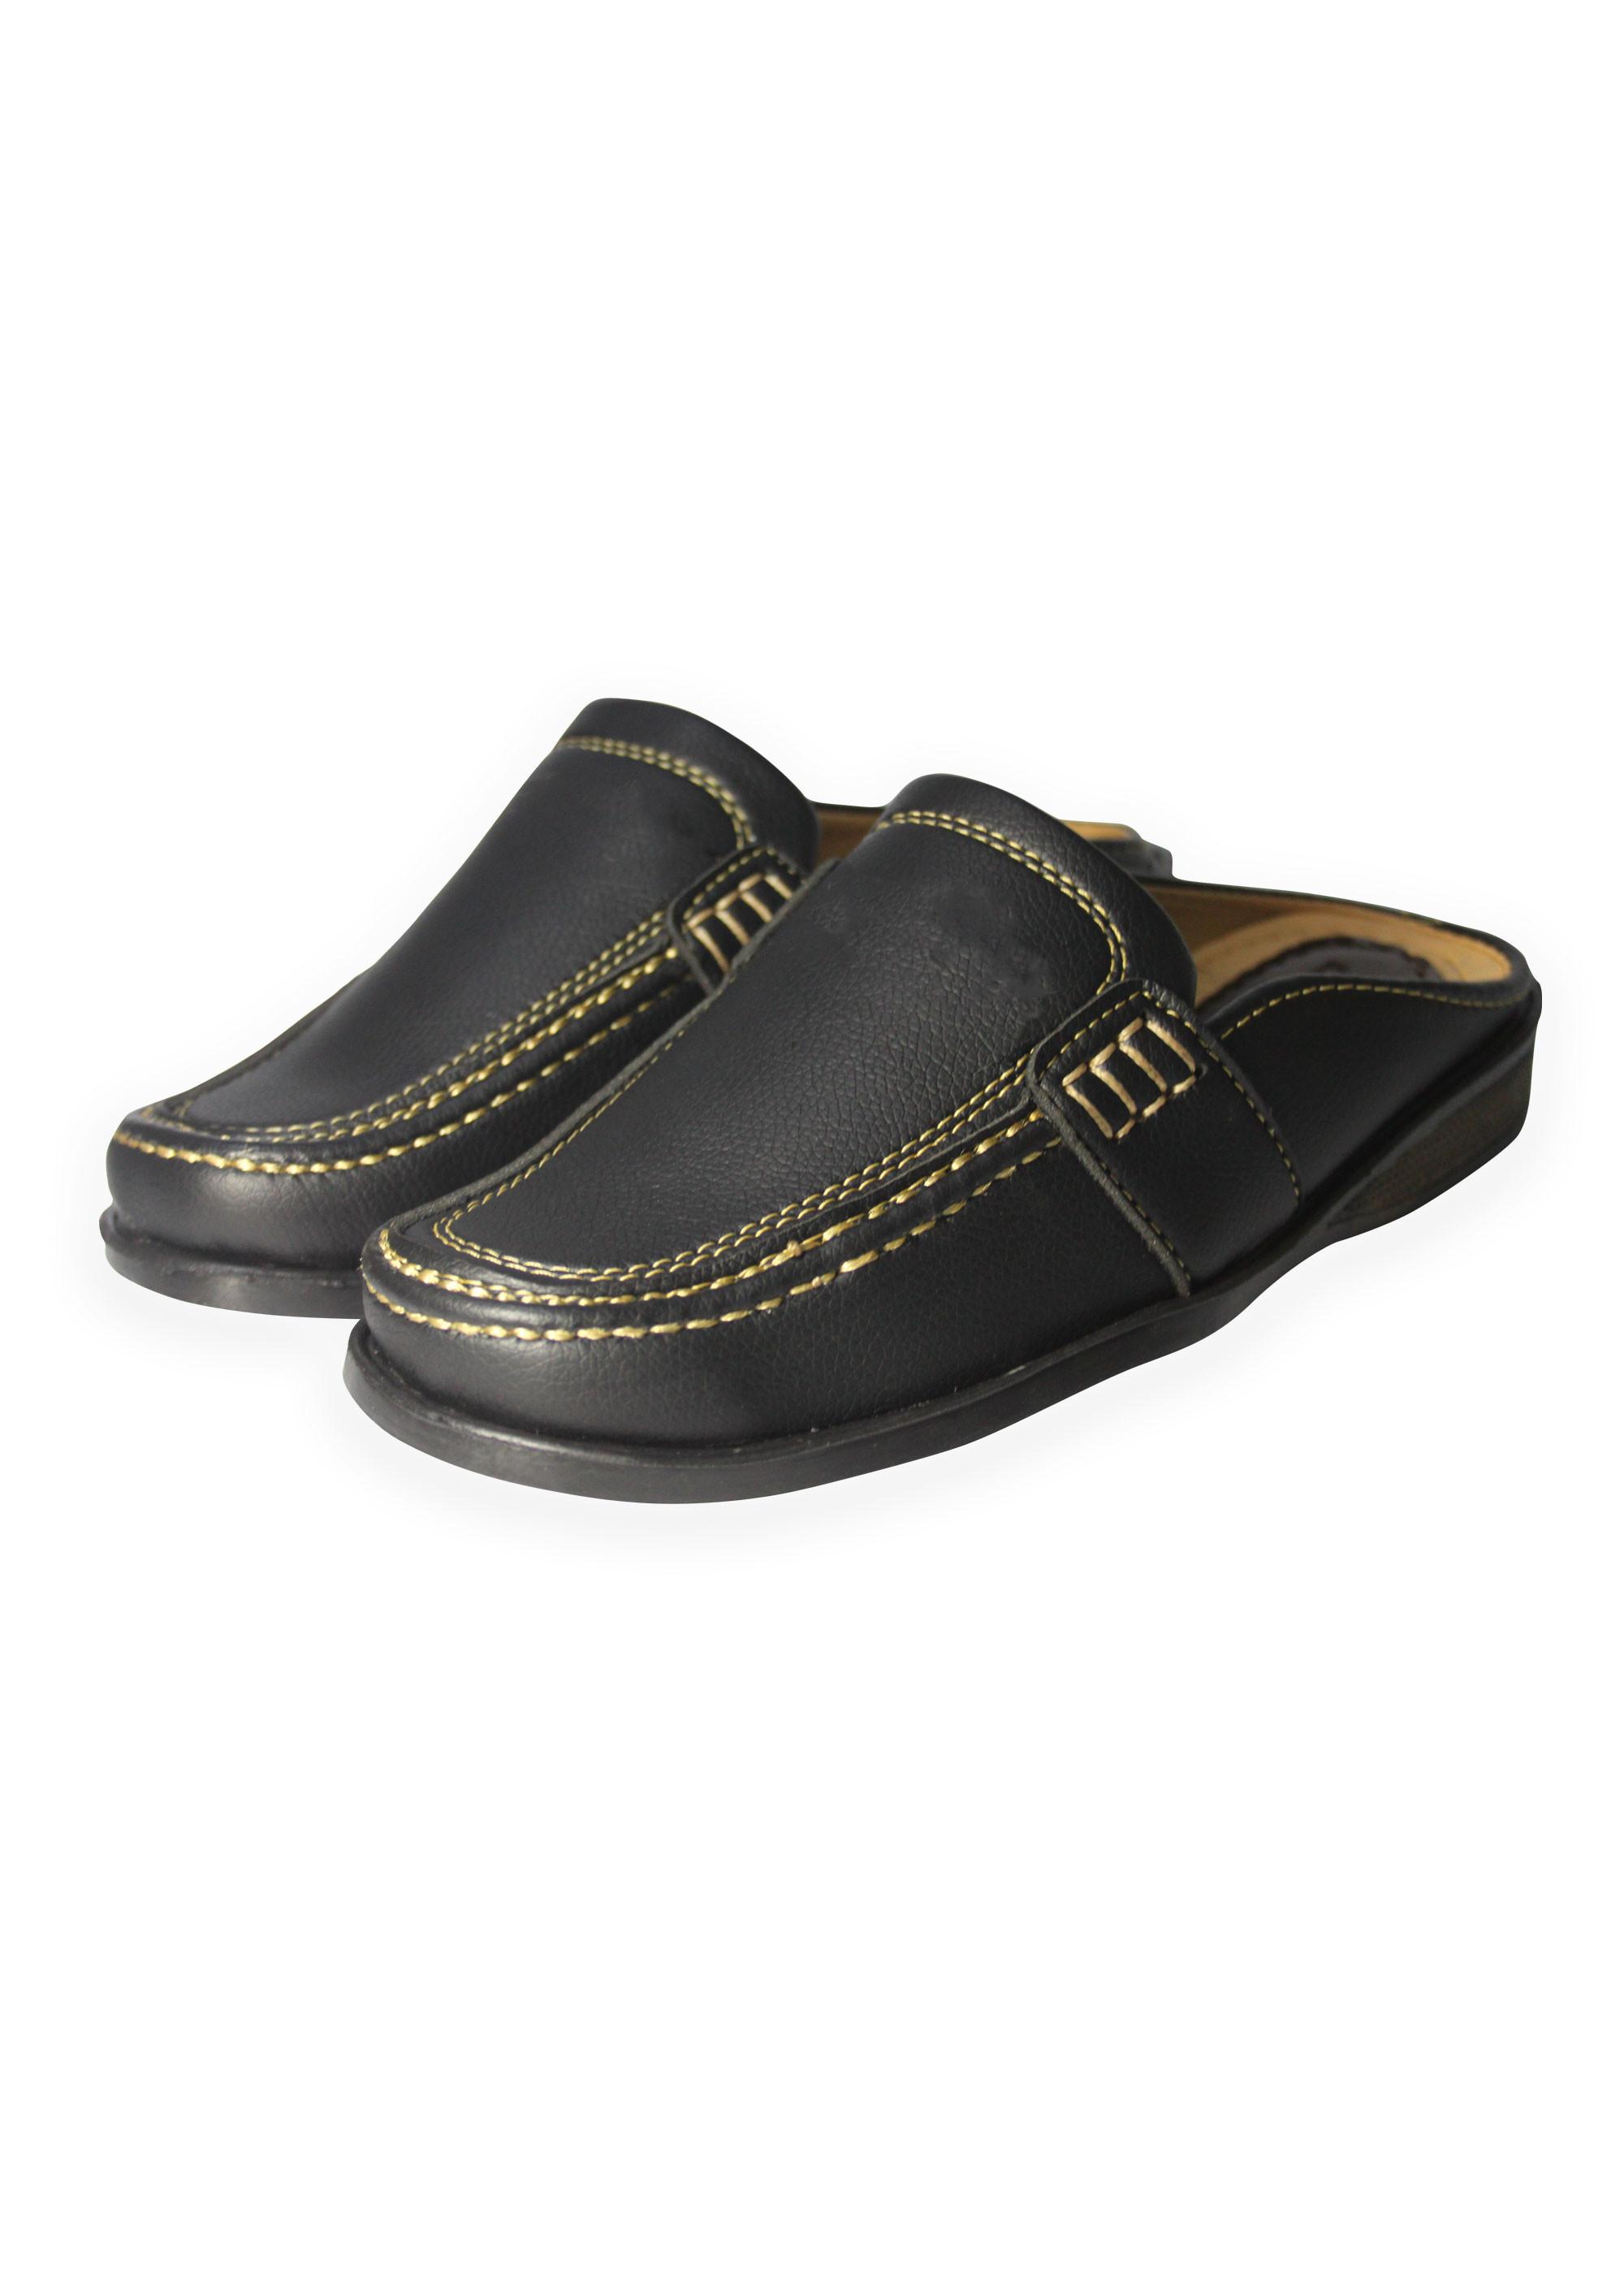 Thời trang dép giả giày cho nam - thoải mái nhưng không kém phần lịch lãm - NKV-SAPO-02-3oo-DE (Đen)